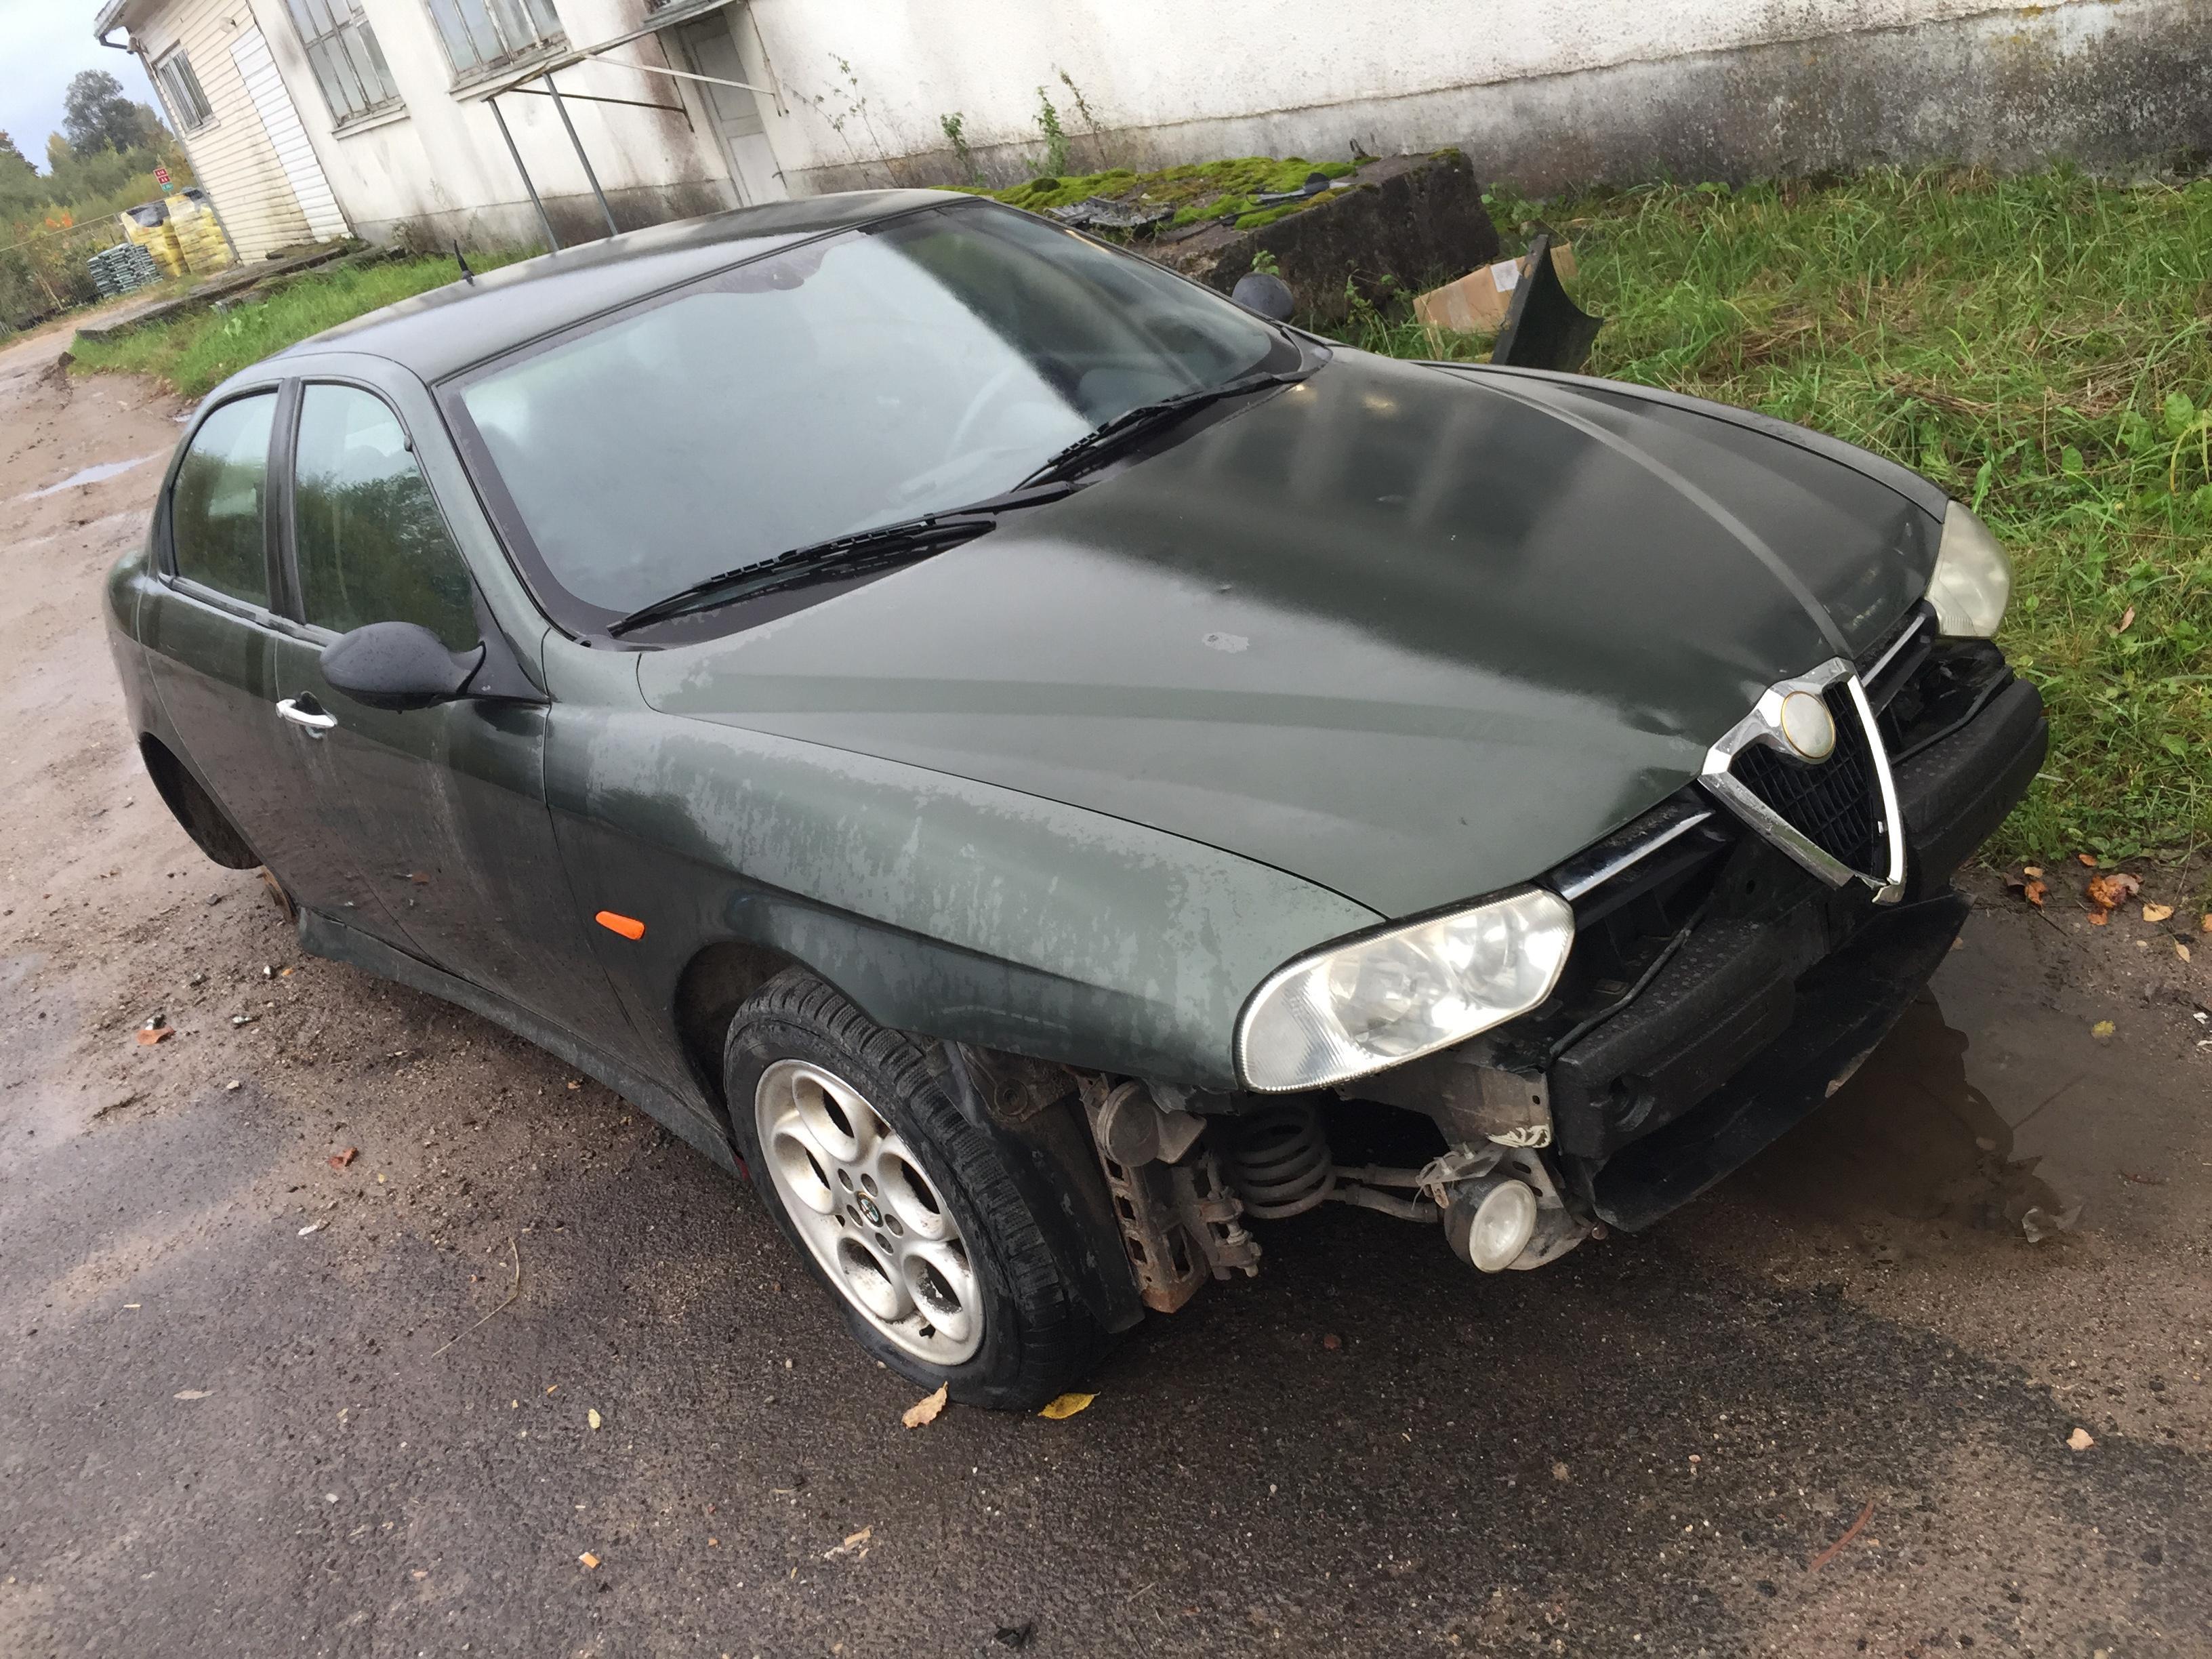 Used Car Parts Alfa-Romeo 156 1997 1.8 Mechanical Sedan 4/5 d. Green 2017-10-04